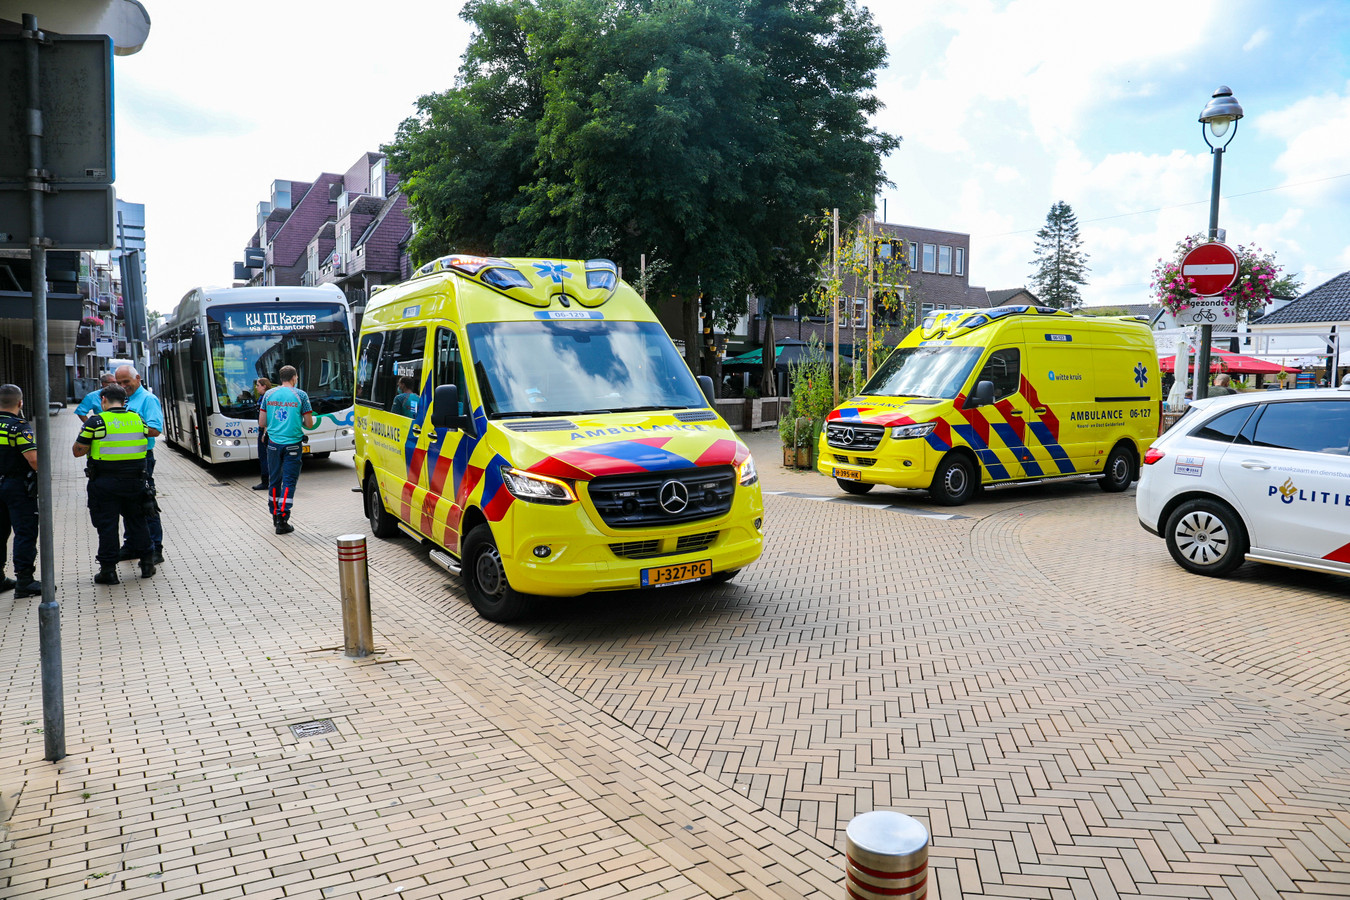 Een fietsster in het centrum van Apeldoorn is vandaag aan het eind van de ochtend ernstig gewond geraakt toen zij de zijkant van een lijnbus raakte. De fietsster kwam hierbij hard ten val en is met spoed naar het ziekenhuis overgebracht.